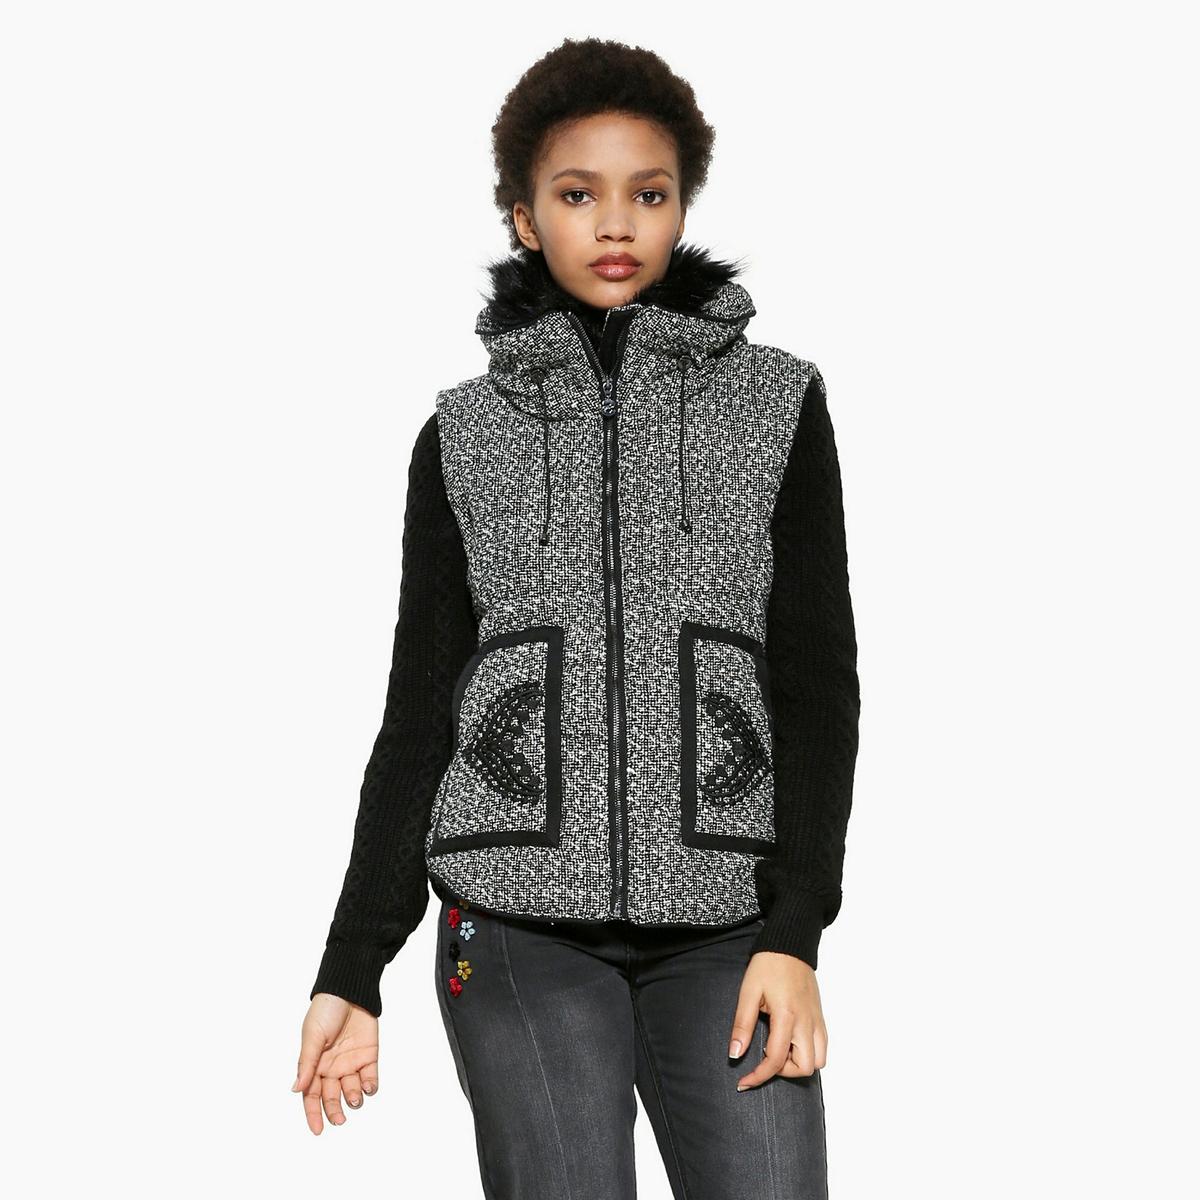 Пальто короткое на молнииОписание:Чтобы выглядеть стильно, выбирайте это пальто на молнии DESIGUAL. Стоячий воротник на подкладке с искусственным мехом. Контрастные рукава из кружева . Спинка и карманы с вышивкой .Детали •  Длина : укороченная   •  Капюшон •  Застежка на молнию •  С капюшономСостав и уход •  7% шерсти, 43% акрила, 50% полиэстера •  Следуйте рекомендациям по уходу, указанным на этикетке изделия<br><br>Цвет: серый/ черный